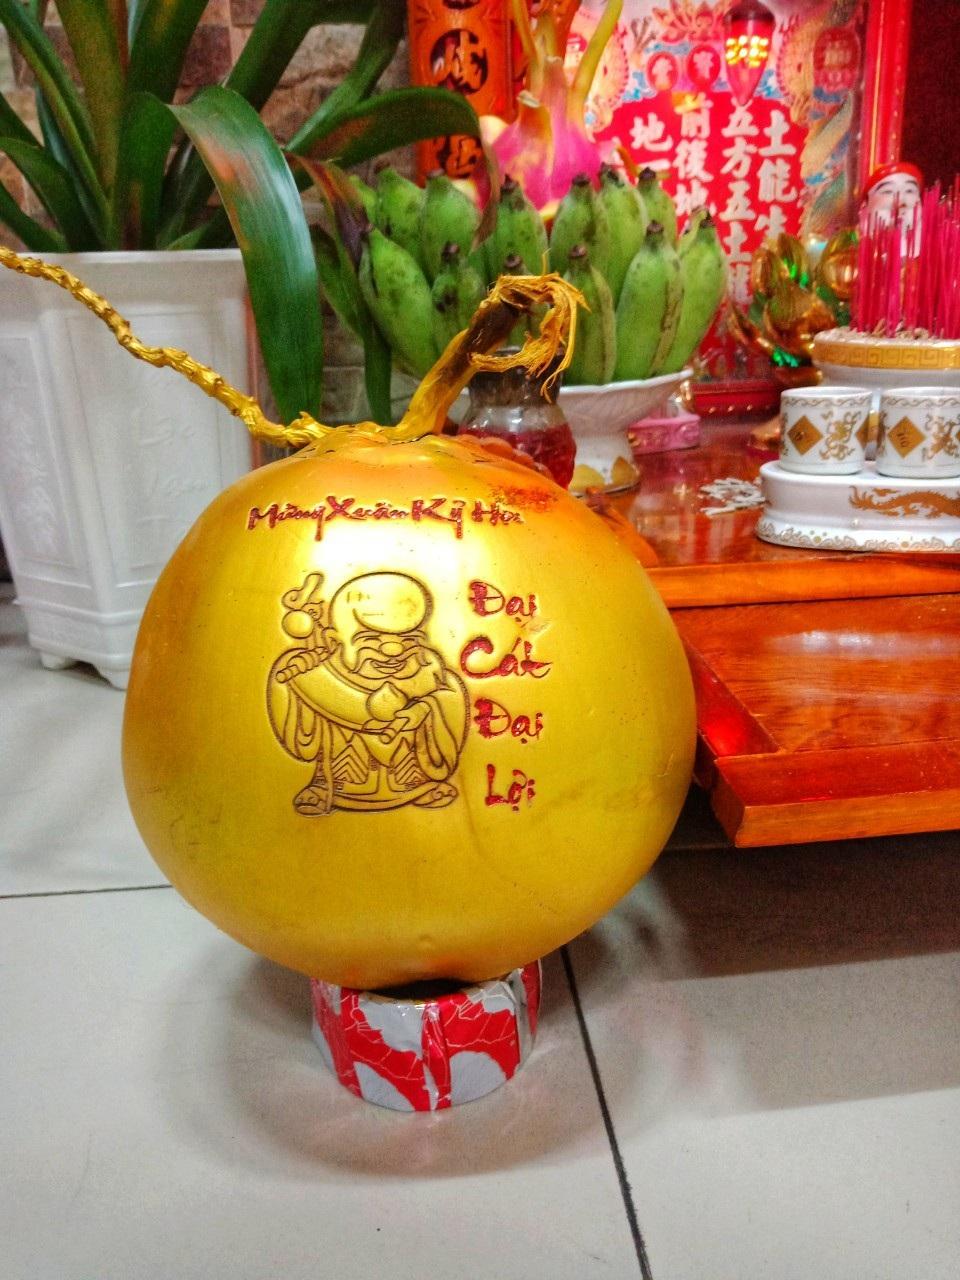 Dừa vàng khắc thư pháp: Hàng độc chơi Tết, dân buôn bán nghìn quả - Ảnh 2.